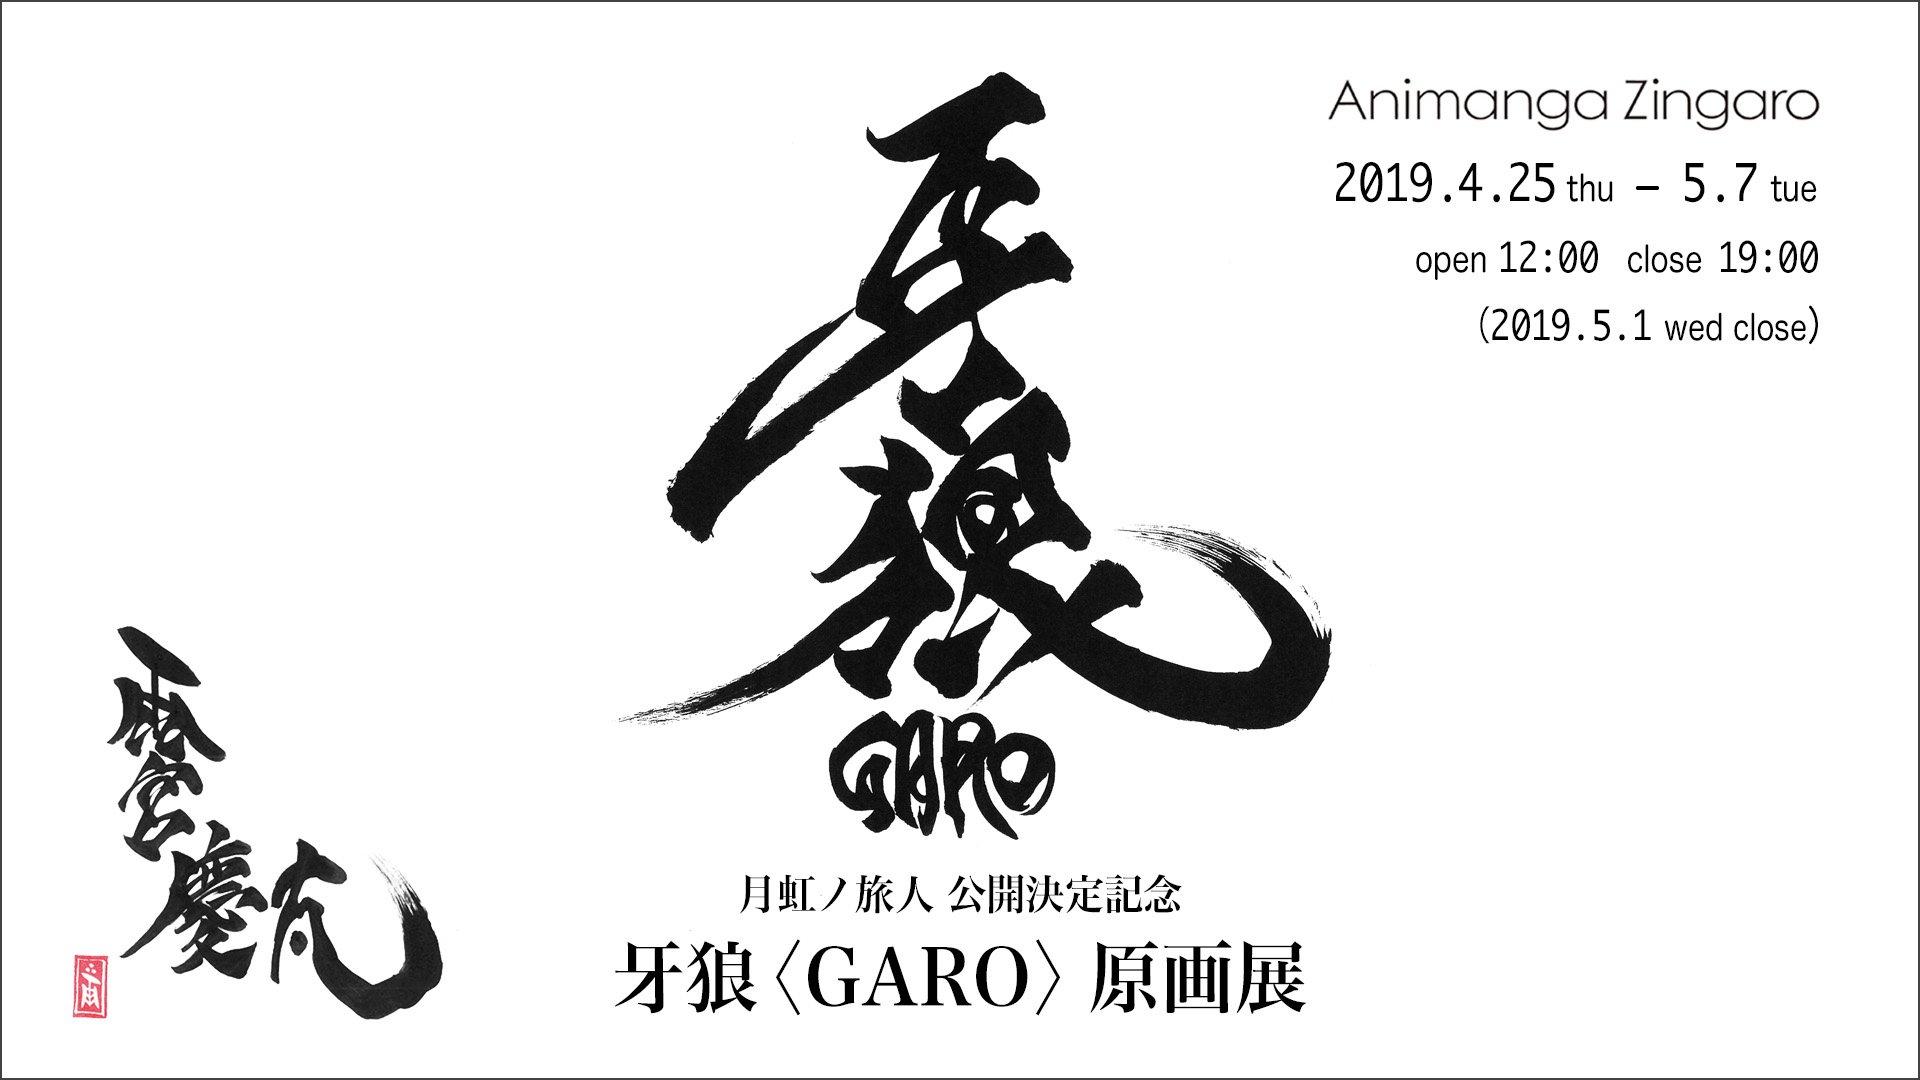 【東京】牙狼〈GARO〉原画展:2019年4月25日(木)~5月7日(火)